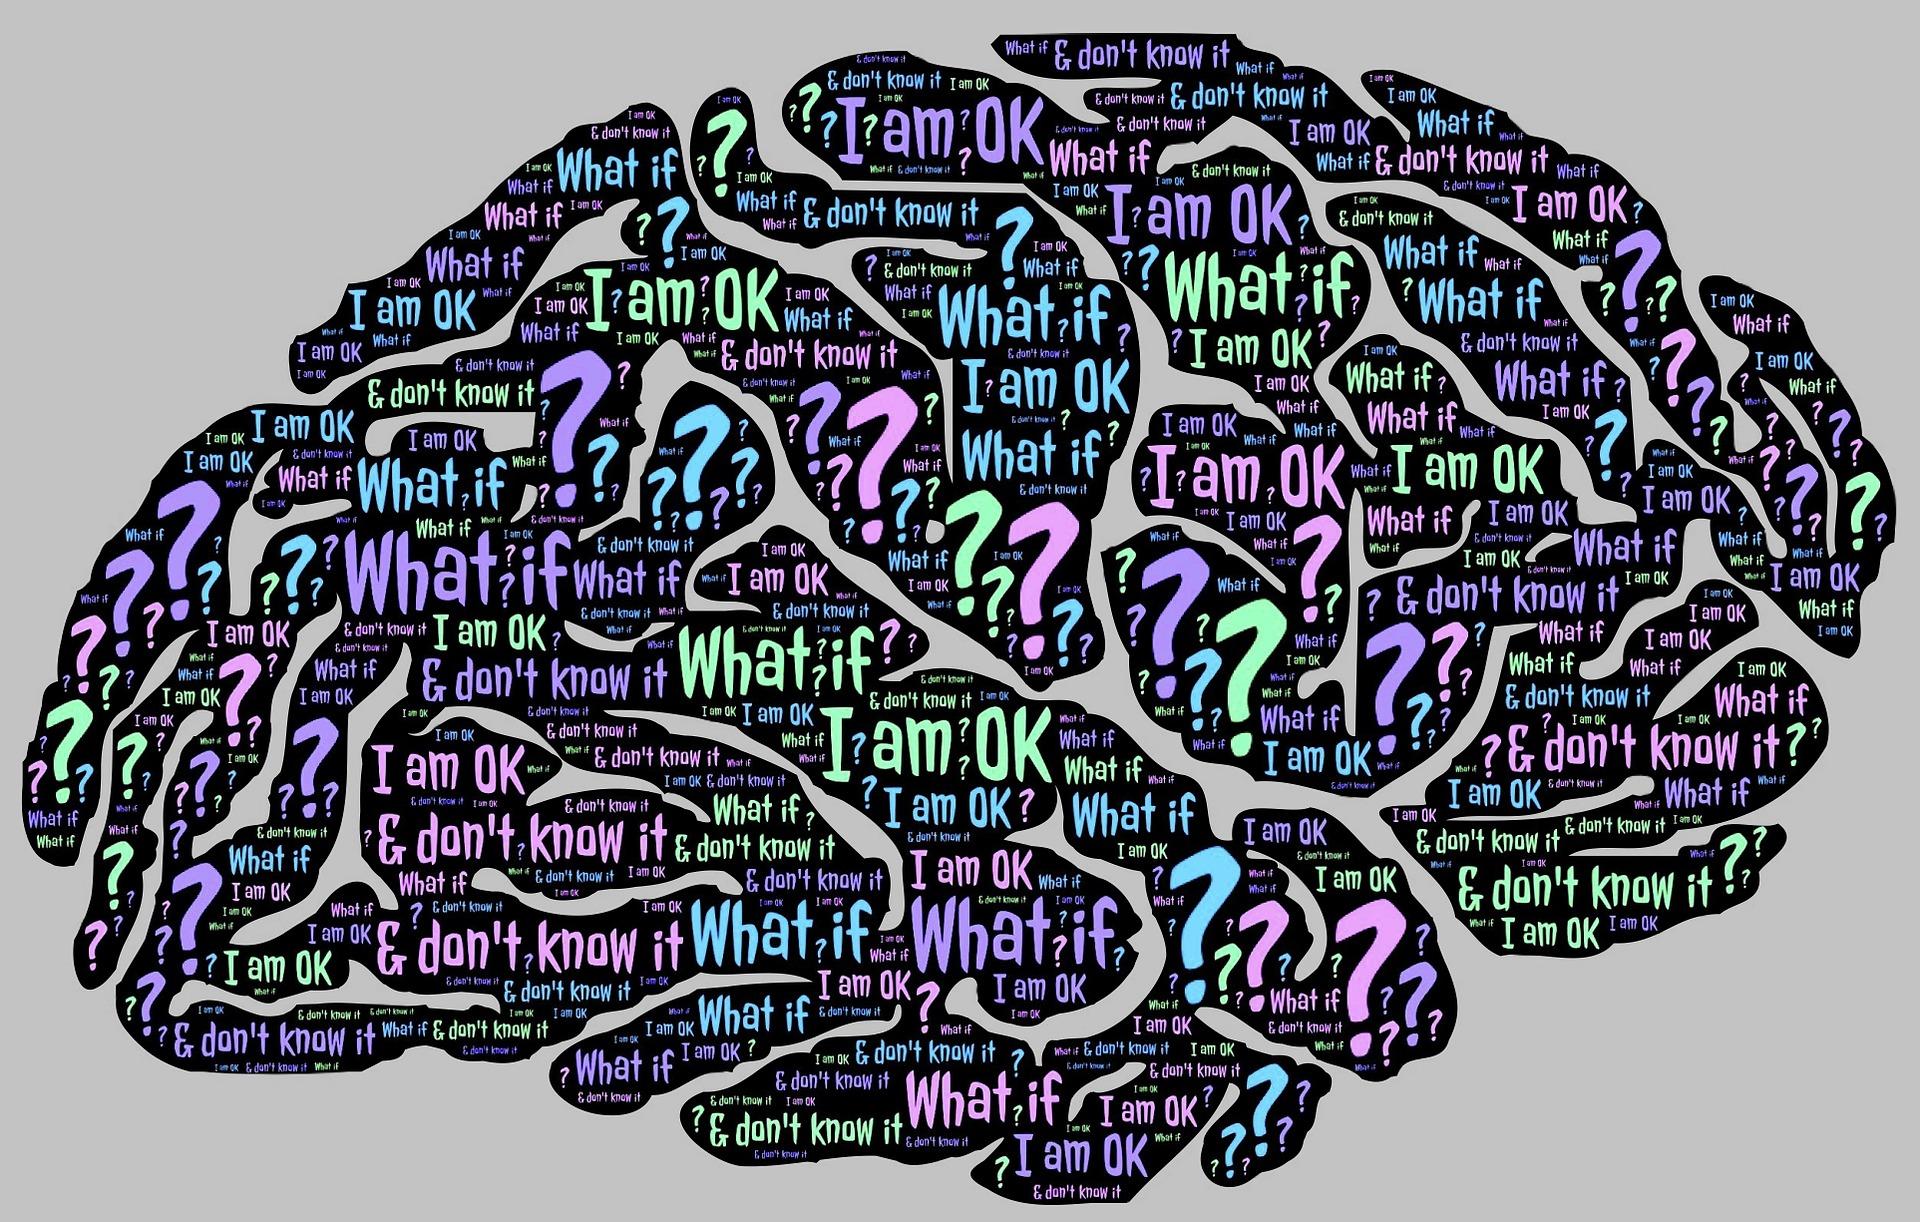 brain-962589_1920.jpg